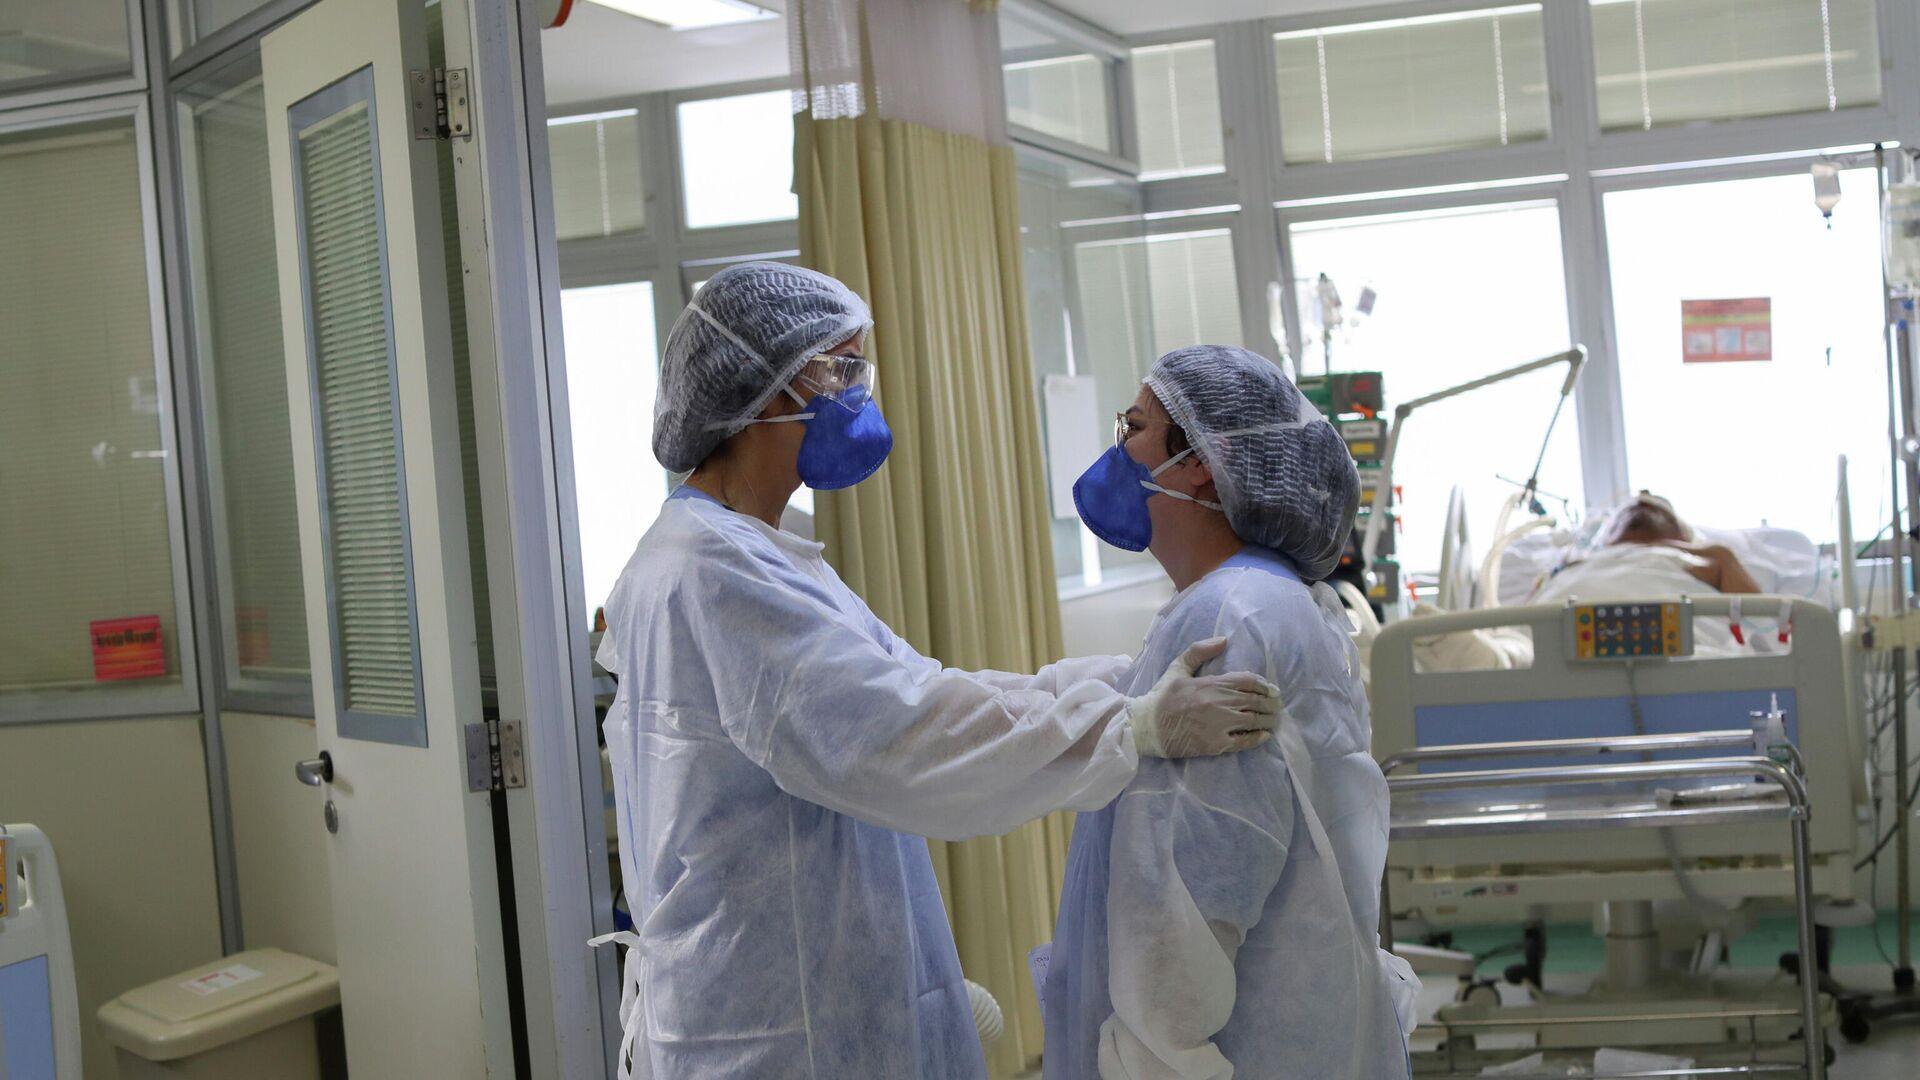 Dos médicas en una unidad de cuidados intensivos en Brasil - Sputnik Mundo, 1920, 24.03.2021